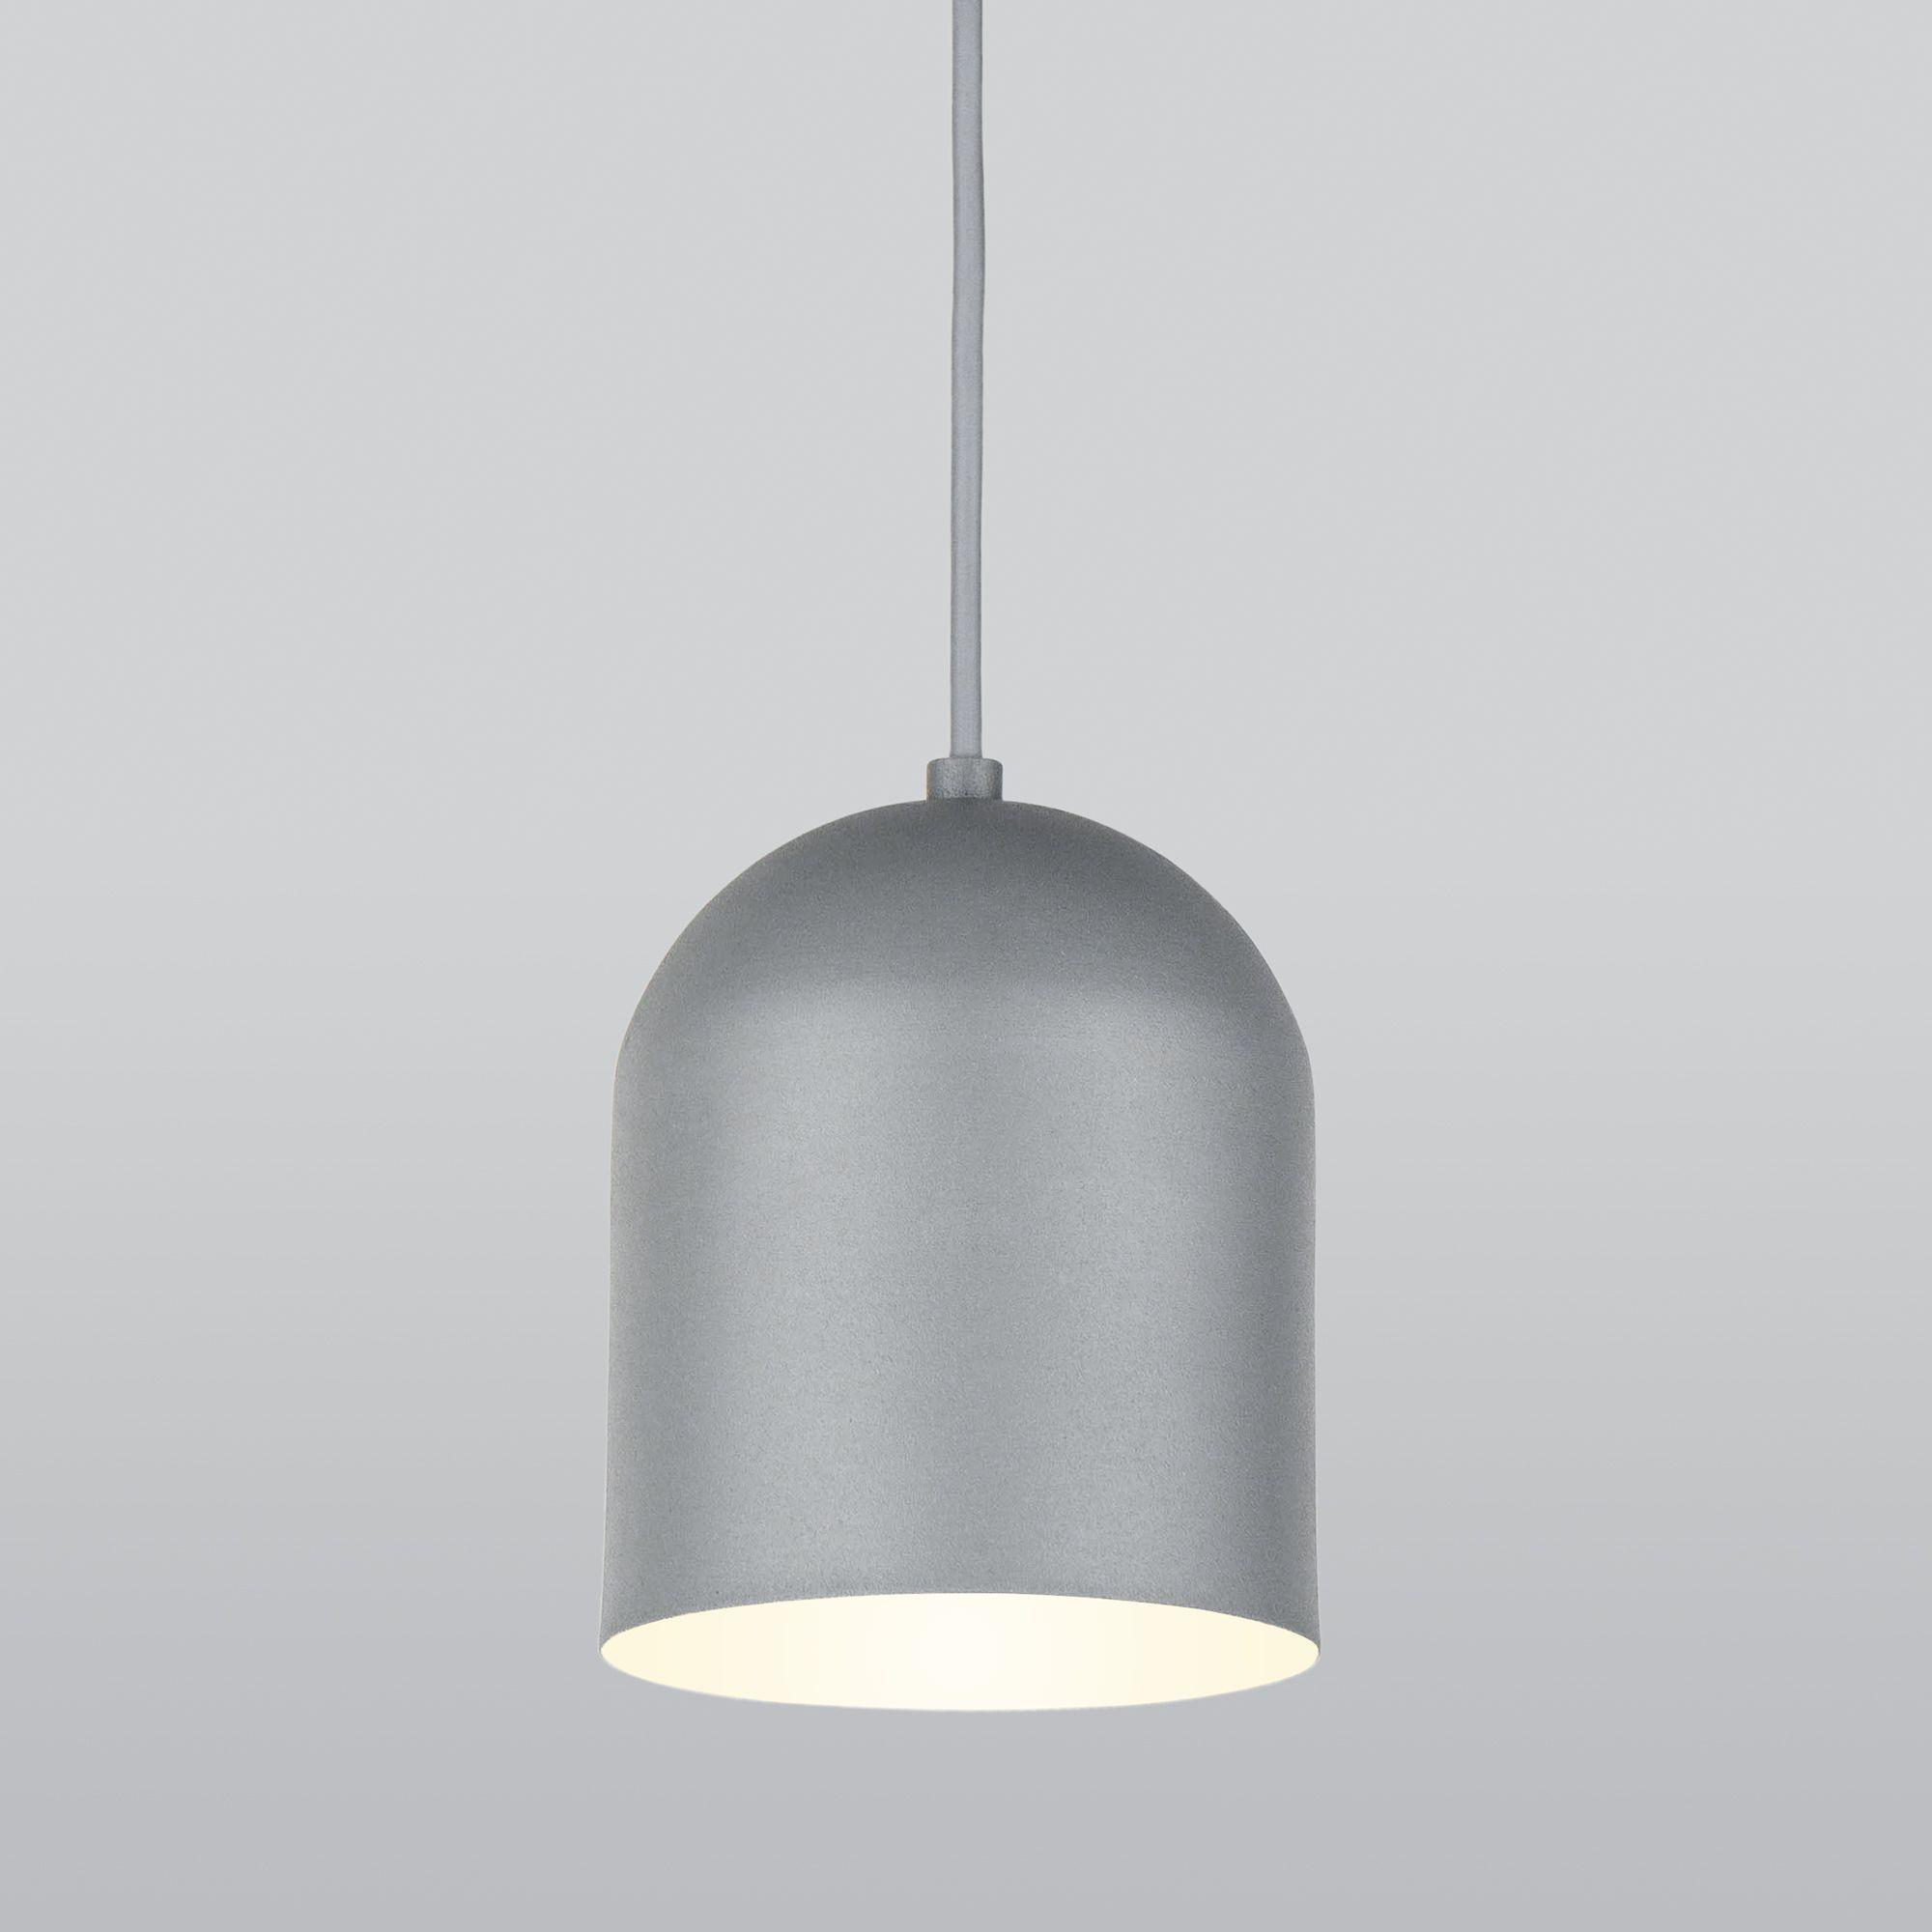 Подвесной светильник 2619 Tempre